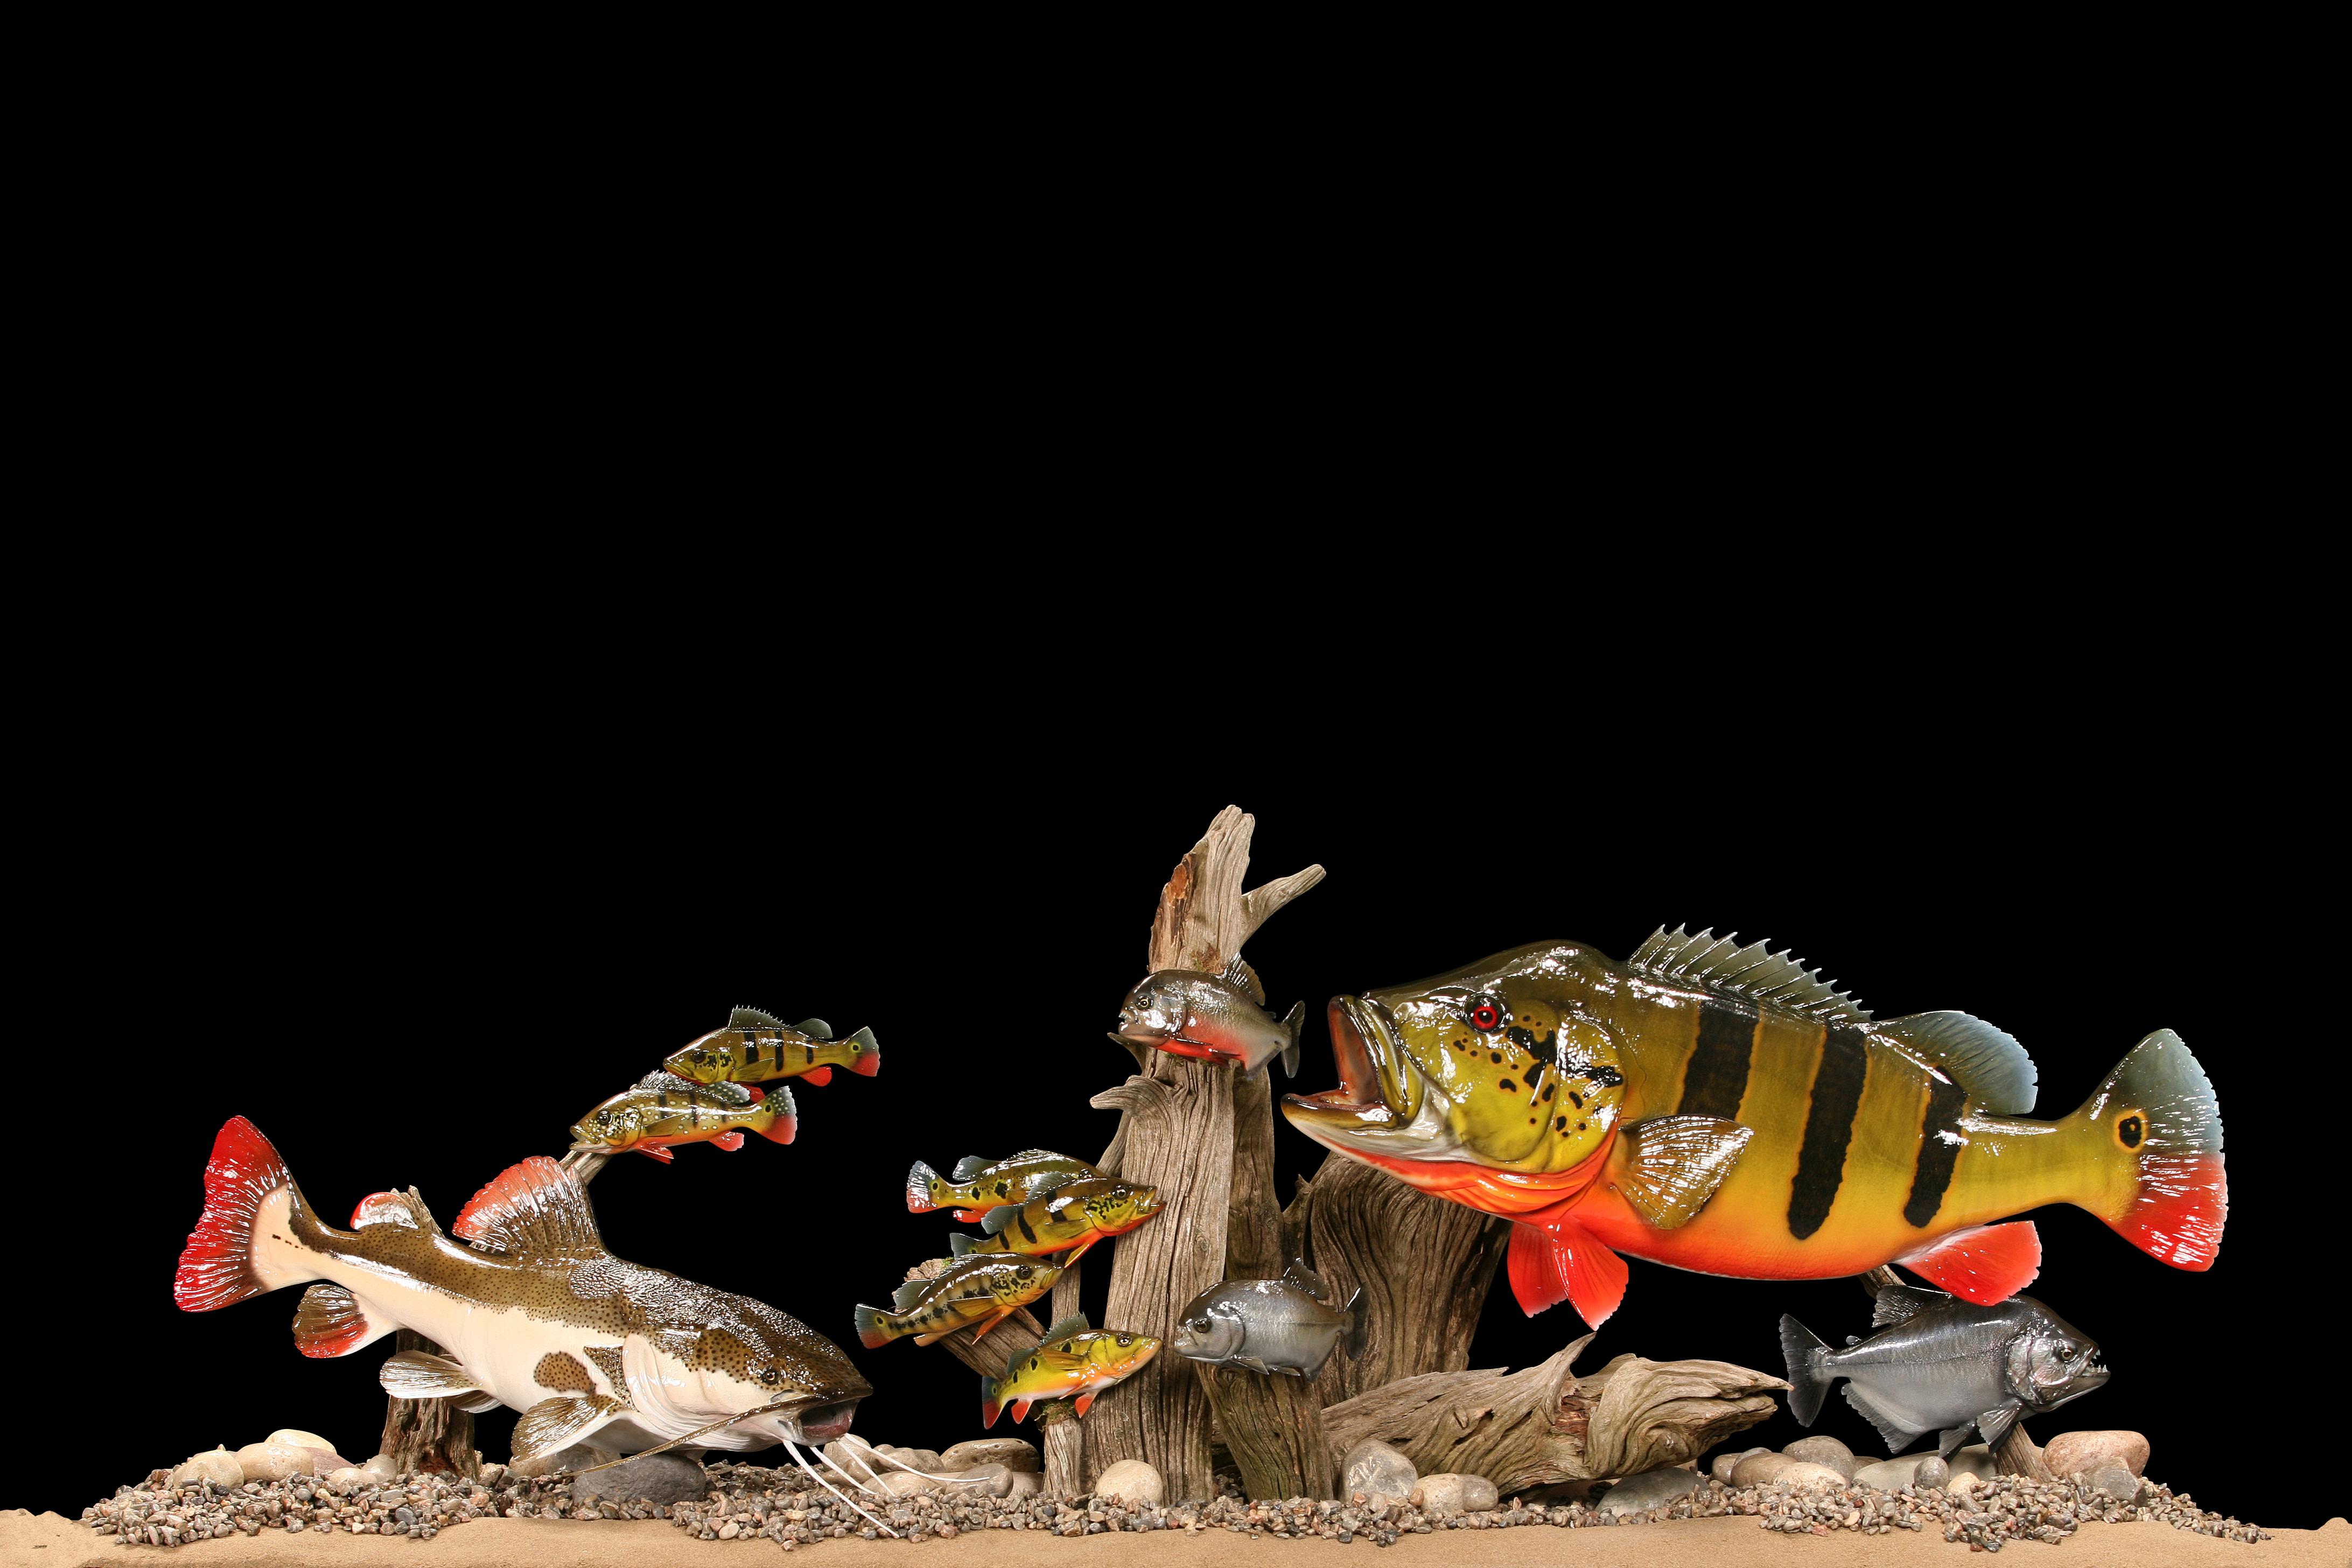 Peacock Bass, Piranha, Redtail Catfish